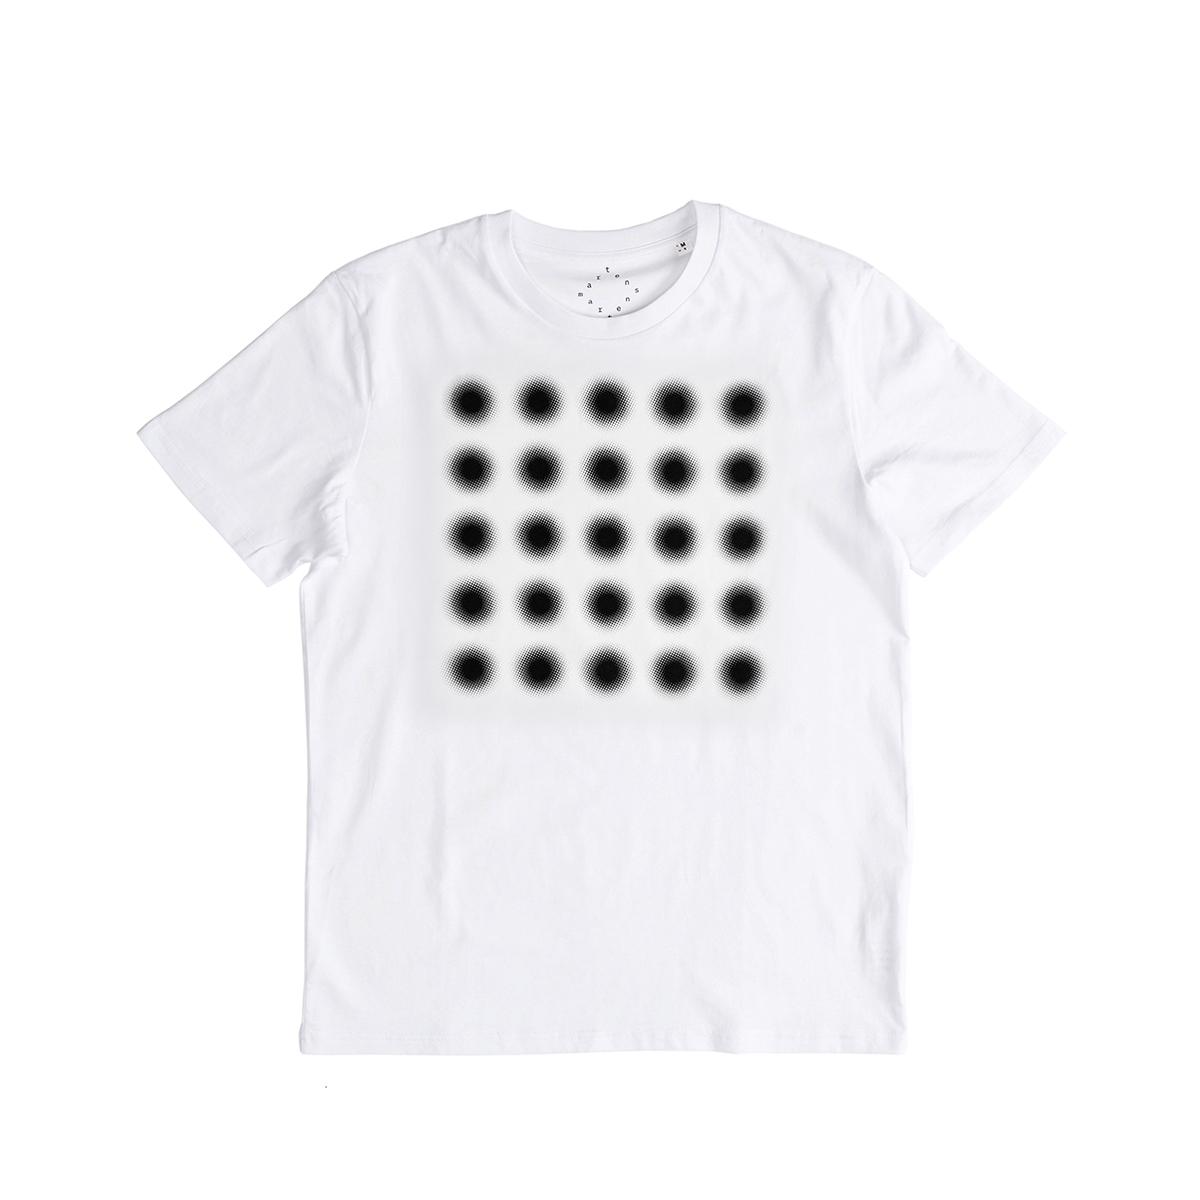 플랫폼엘 martens and martens t-shirt with printed dots (black, L)